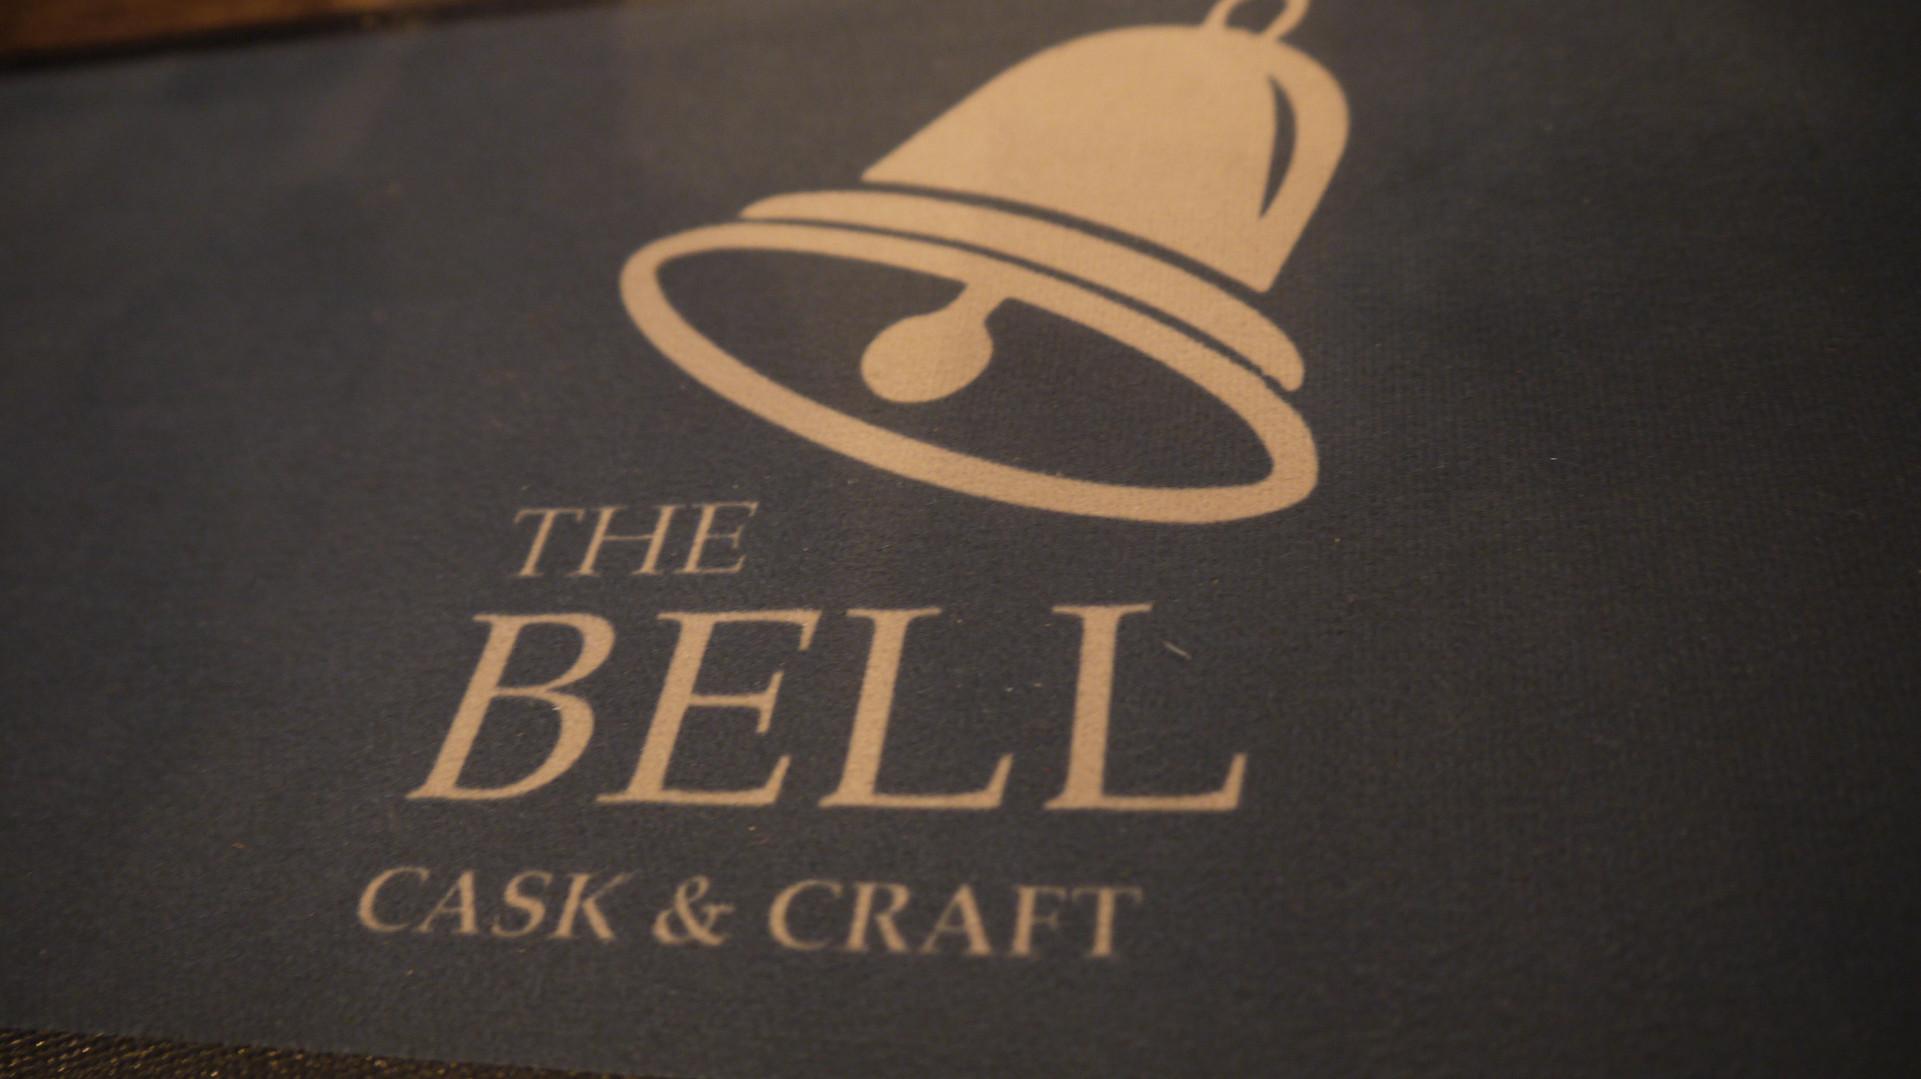 The Bell Cask & Craft